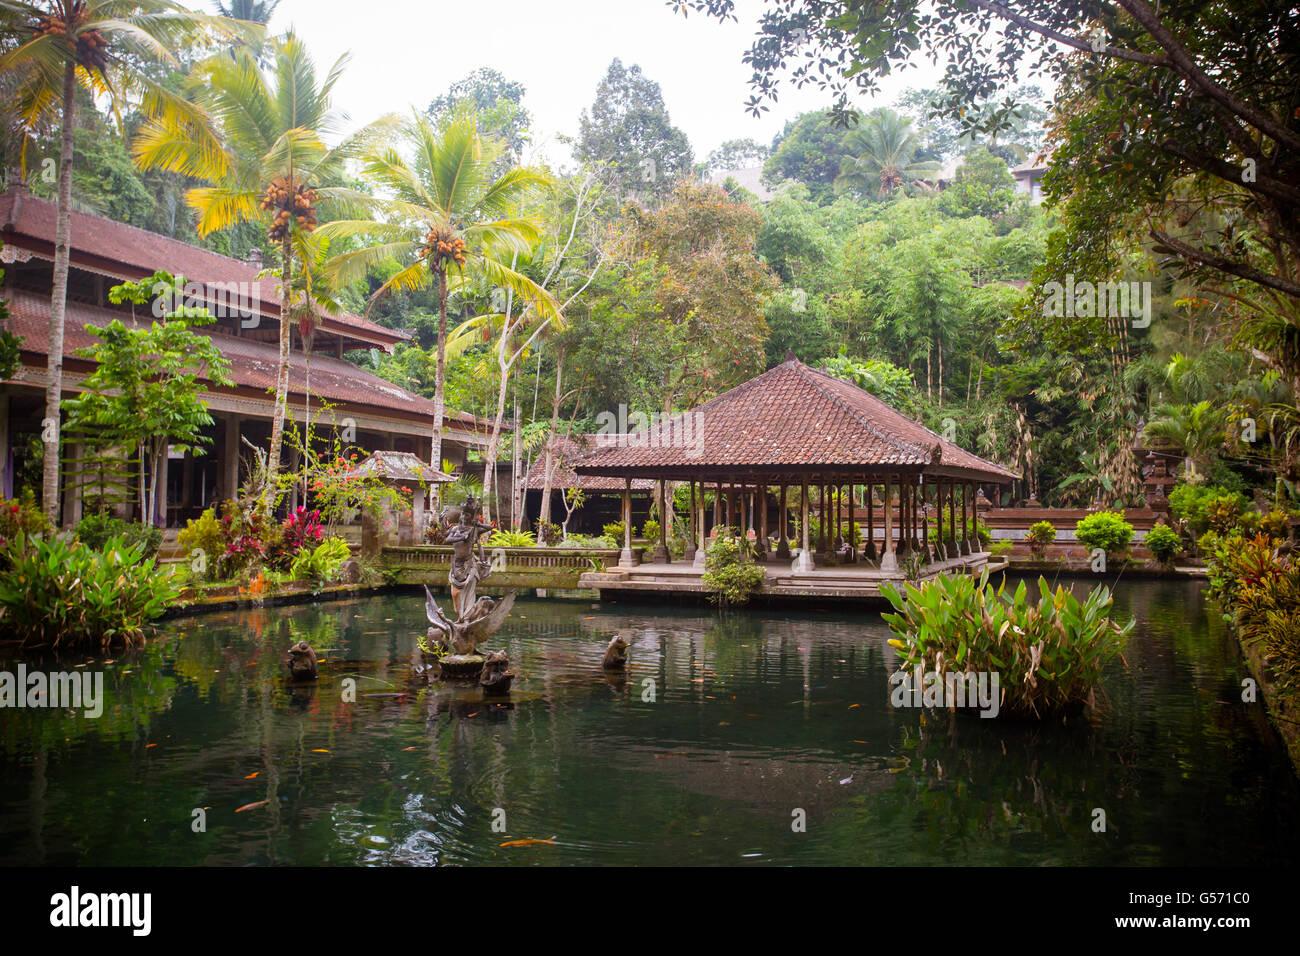 El famoso templo de Gunung Kawi Sebatu, Tegallalang, Bali, Indonesia Imagen De Stock